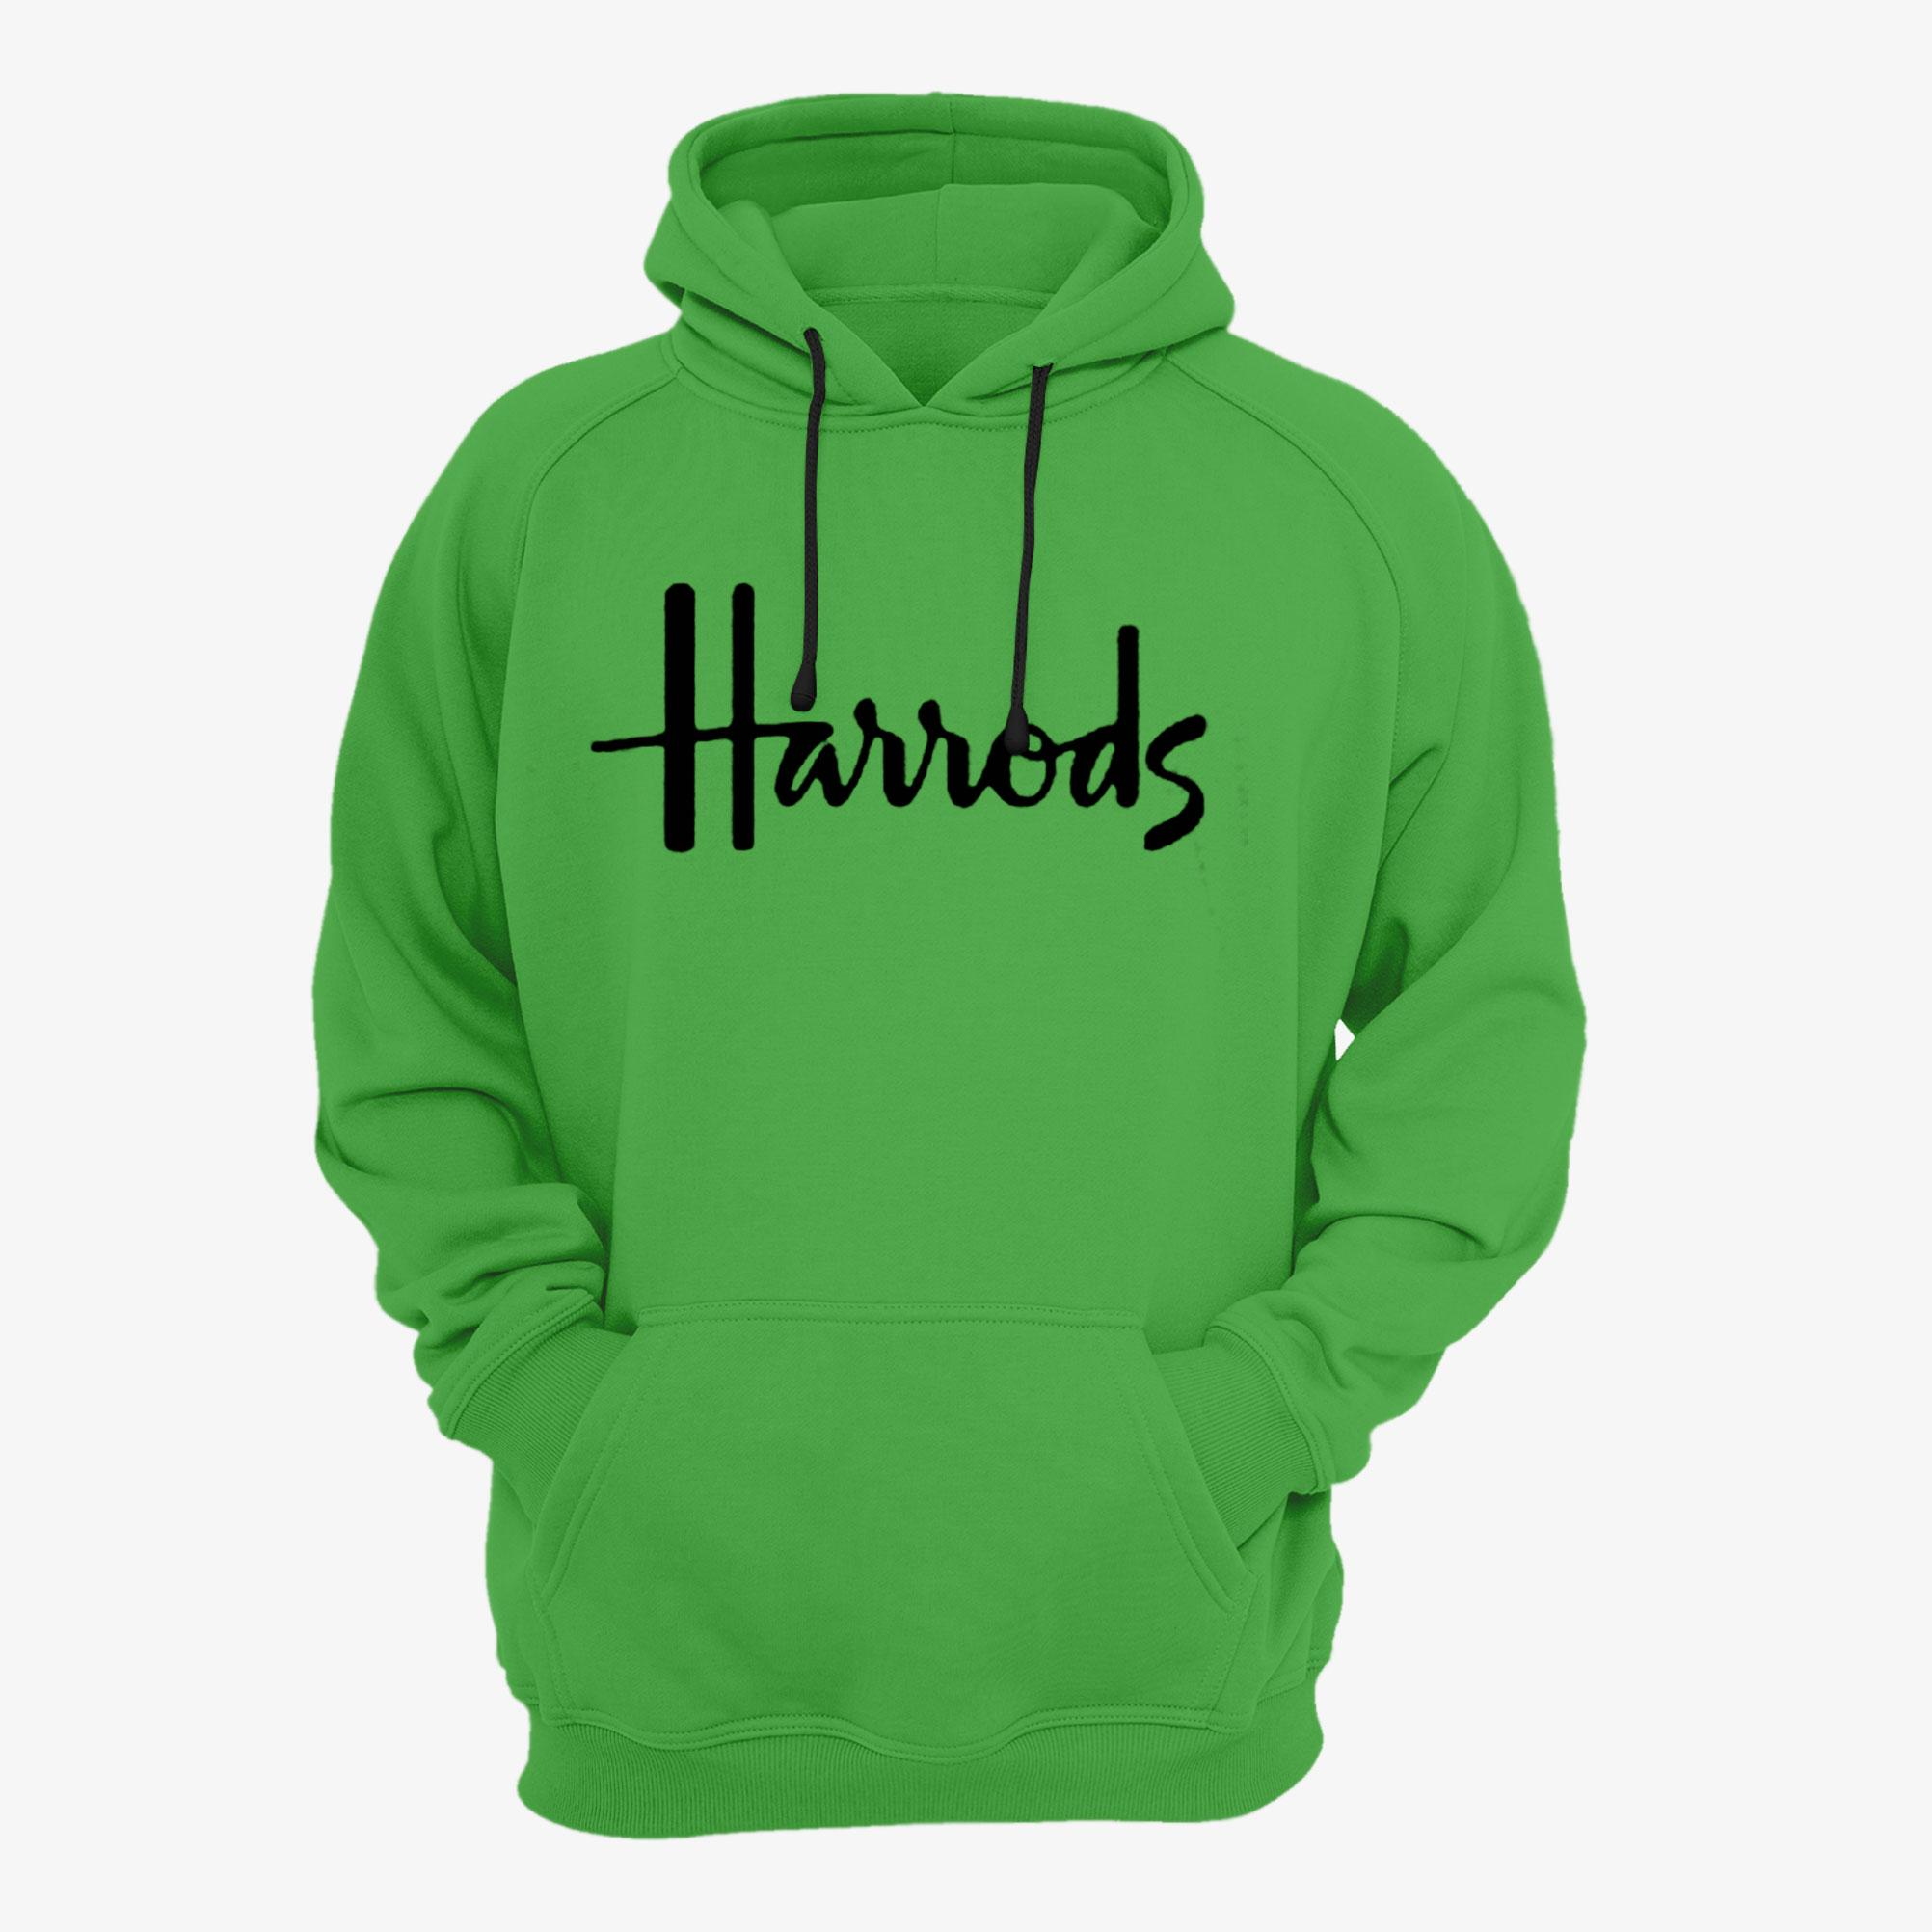 Harrods Knightsbridge Hoodie